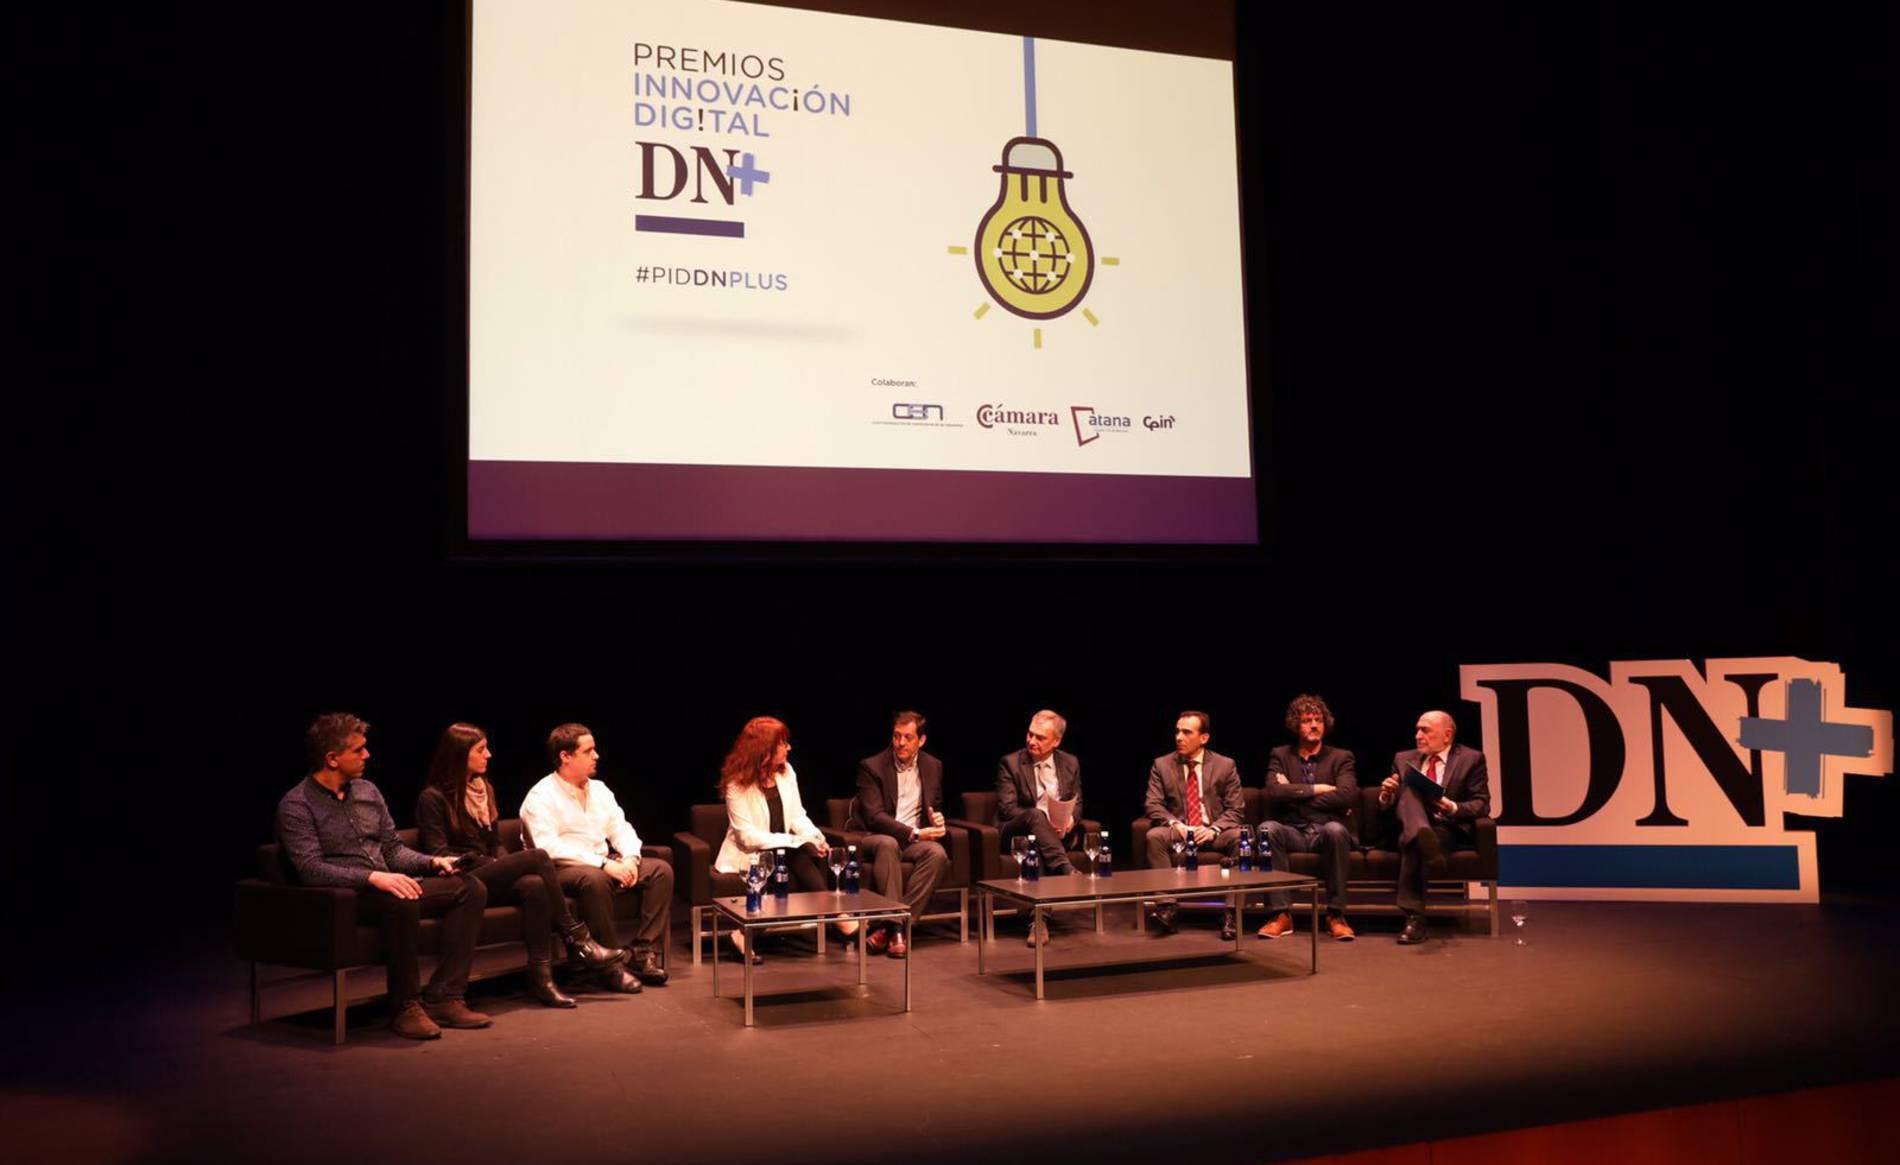 Entrega de los Premios DN+ (1/32) - Más de 300 profesionales asisten a la entrega de los Premios DN+ en Baluarte - Contenidos -